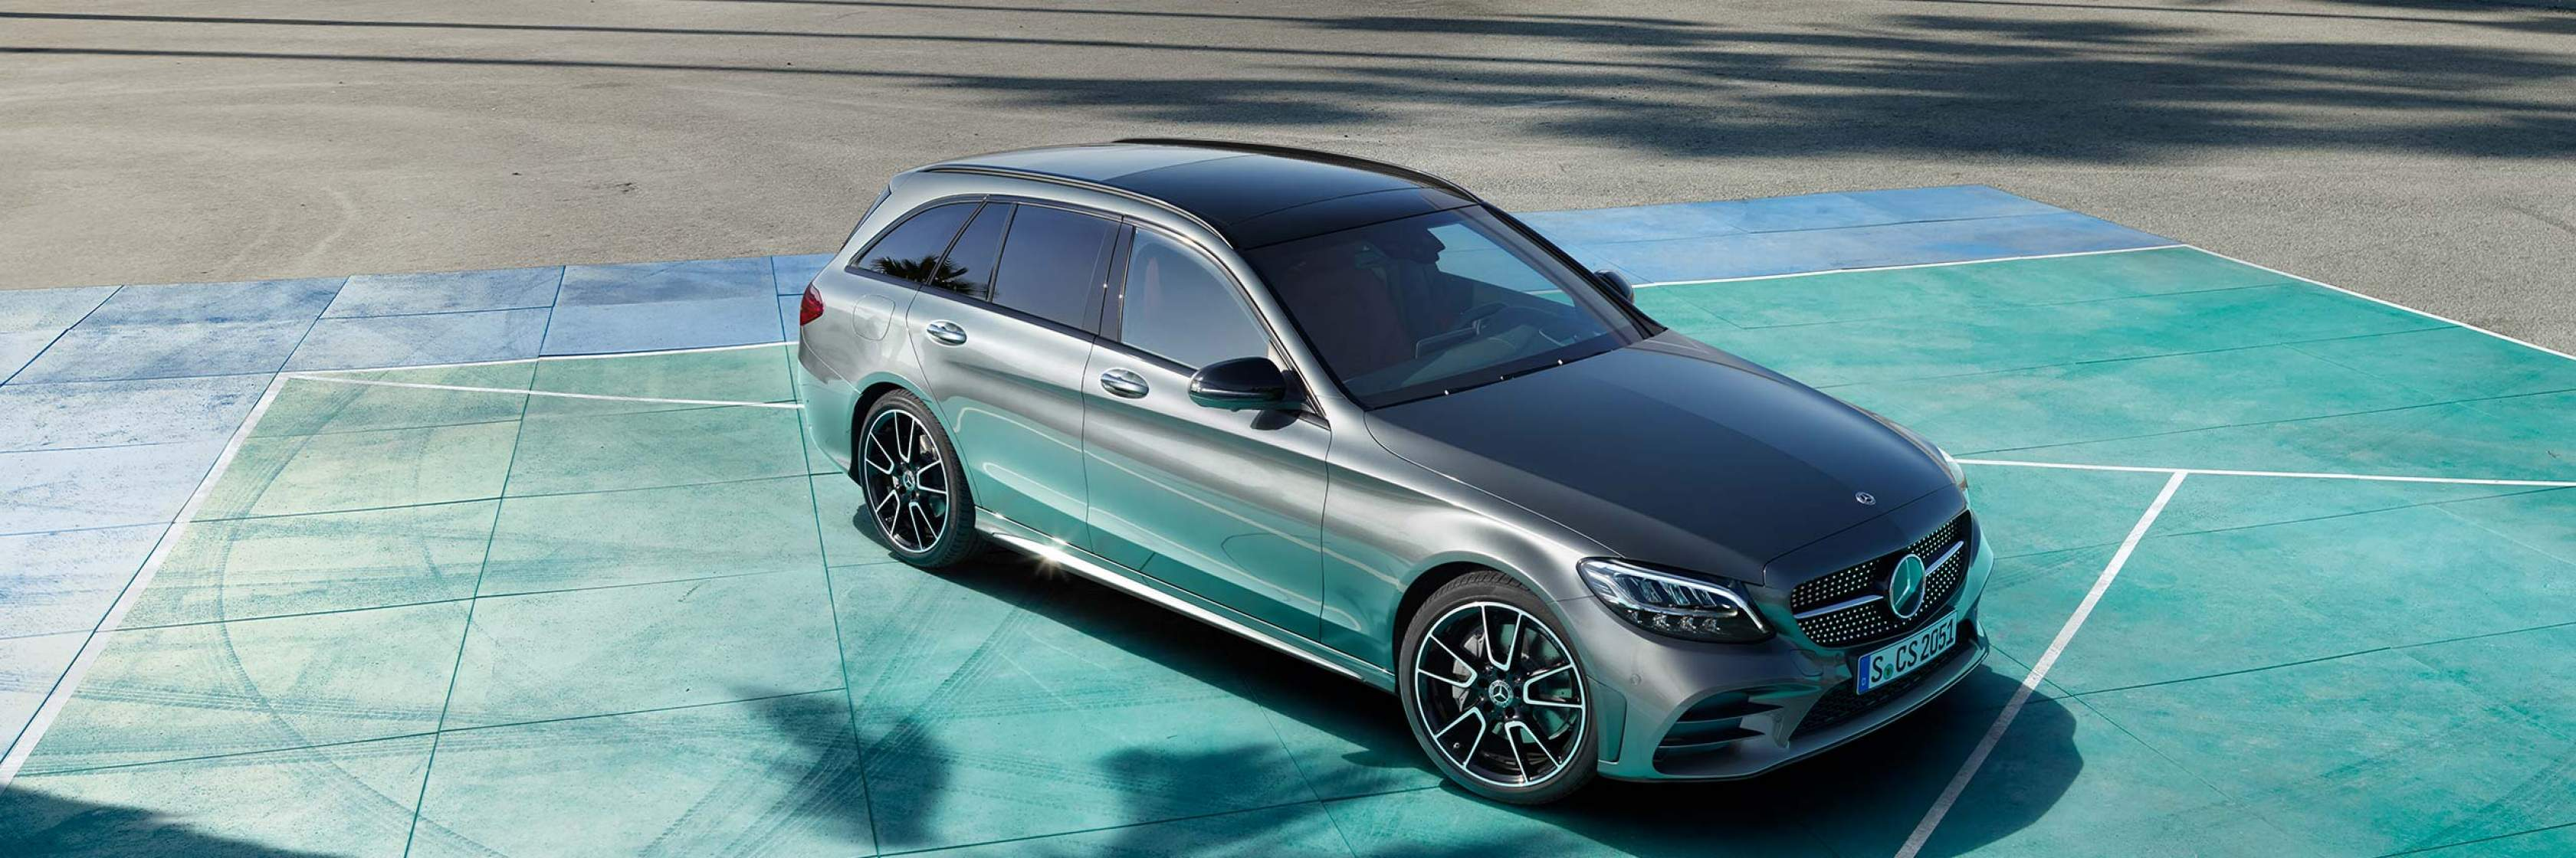 Інтер'єр та екстер'єр Mercedes–Benz C–Class Універсал